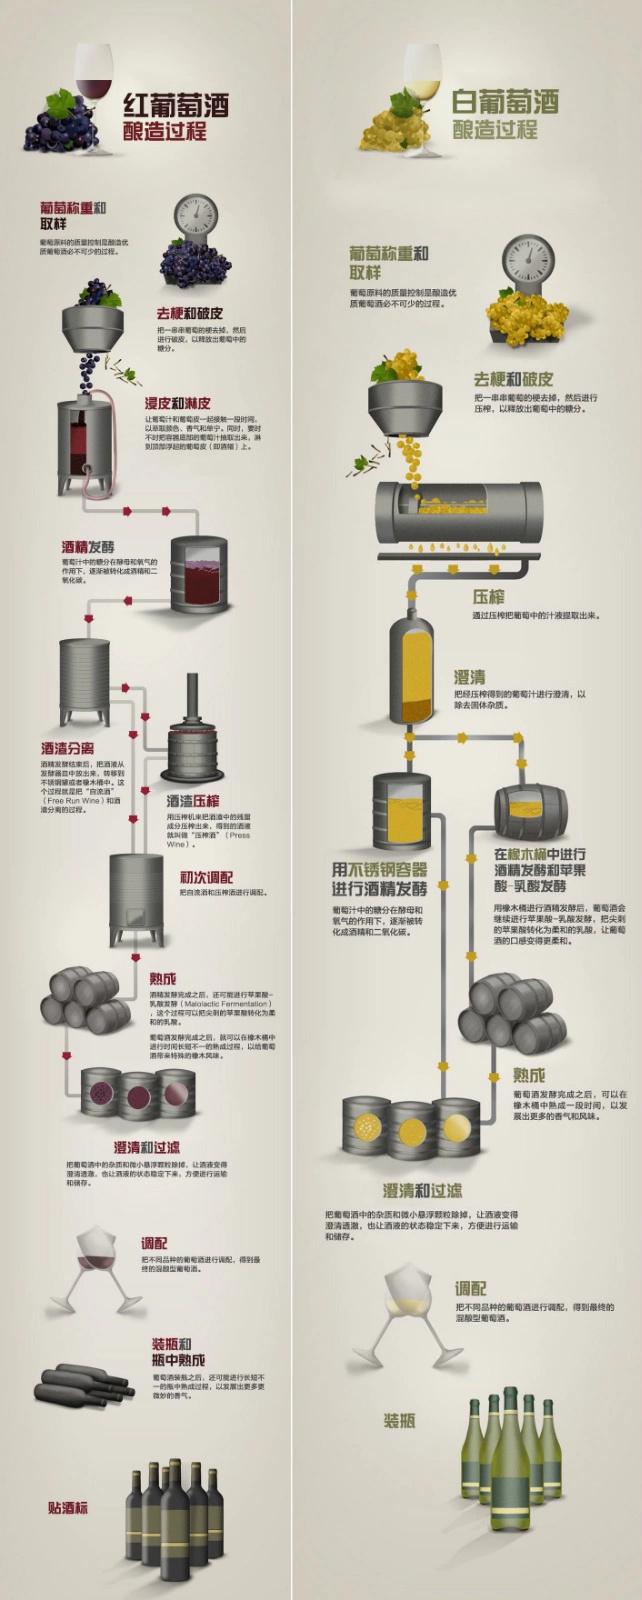 《红酒资讯》为你图解红/白红酒酿造过程之异同